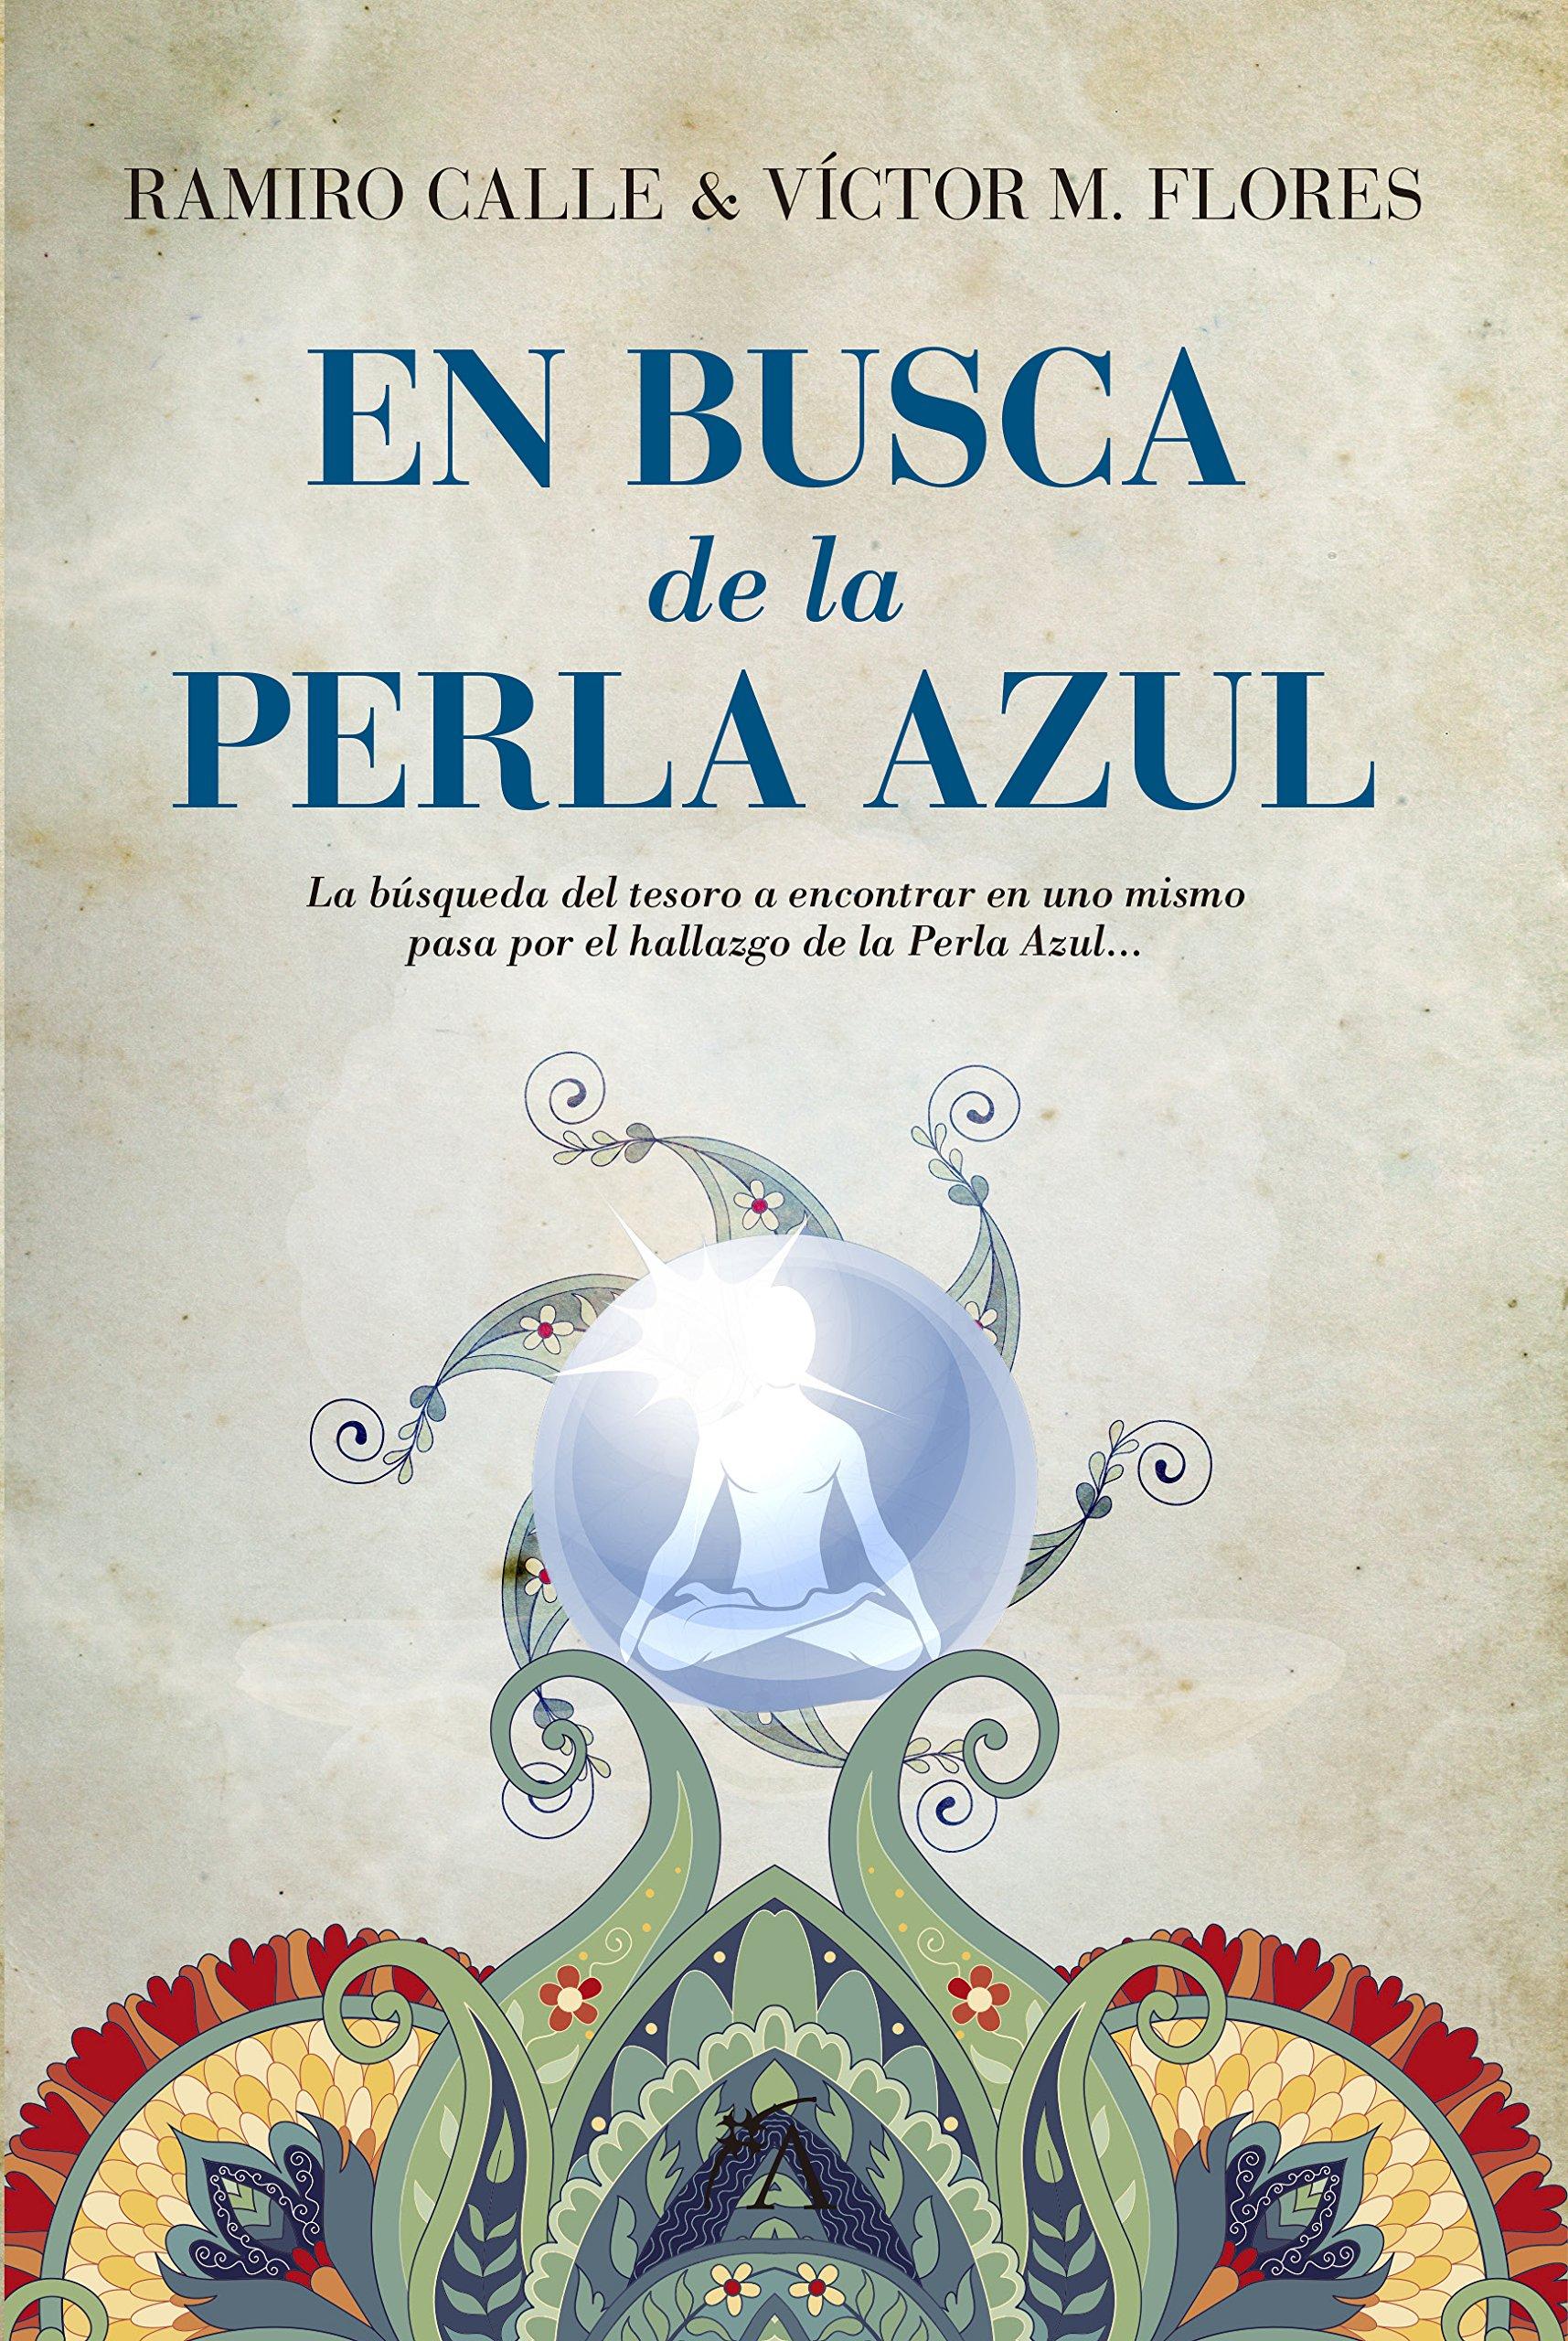 Amazon.com: En busca de la Perla Azul (9788416002214 ...